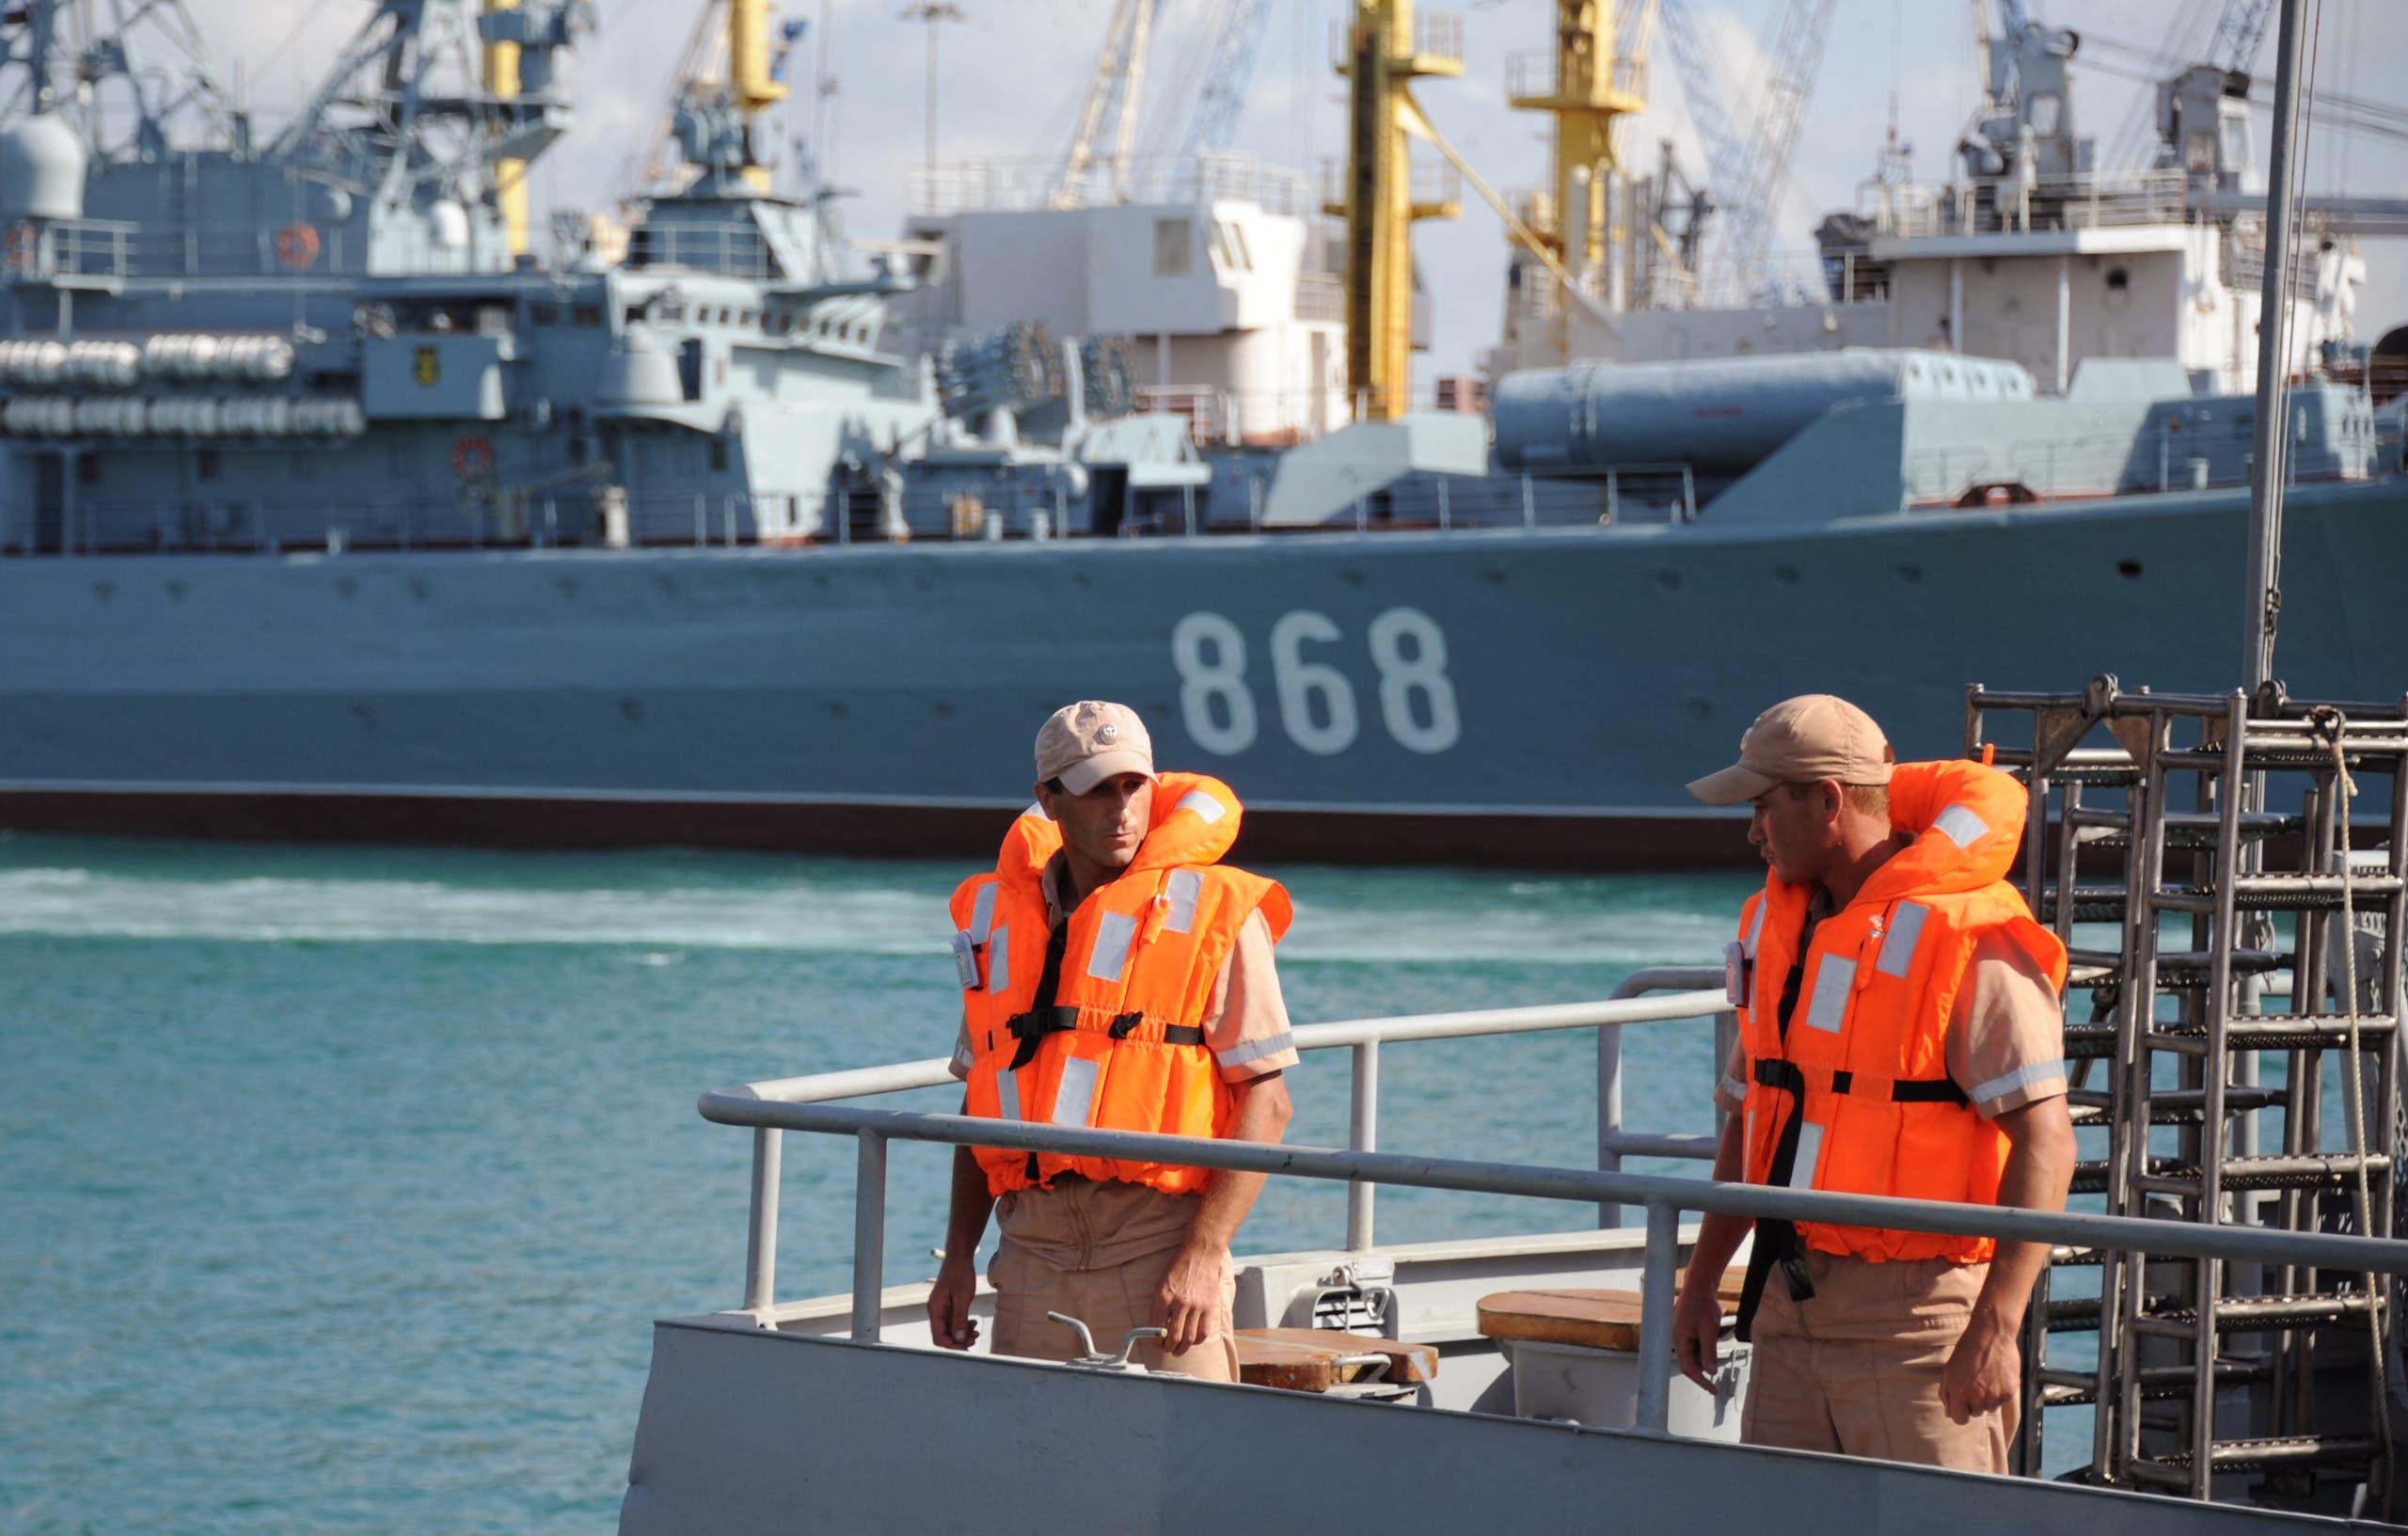 جنود من البحرية الروسية في طرطوس (فرانس برس)